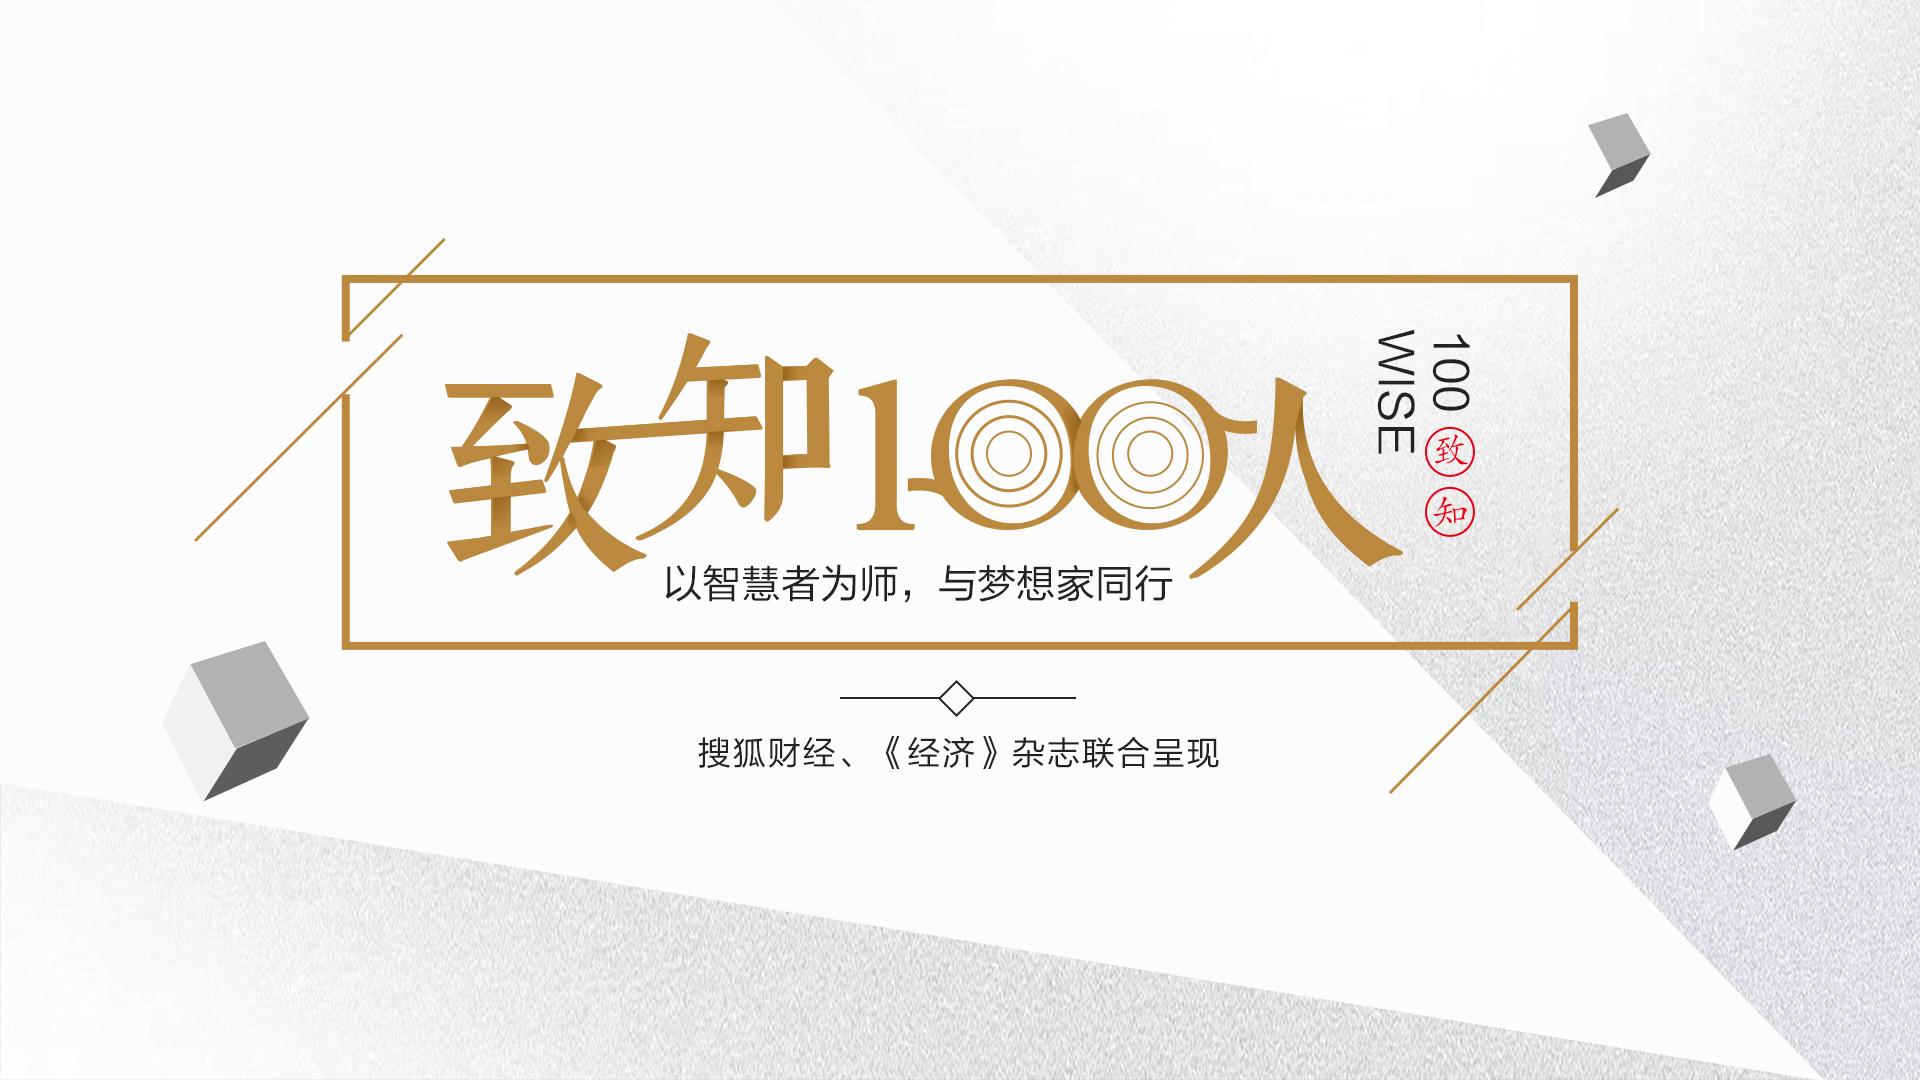 """对话刘守英:以中国经济转型布局下一阶段土地改革 """"致知100人""""68期"""